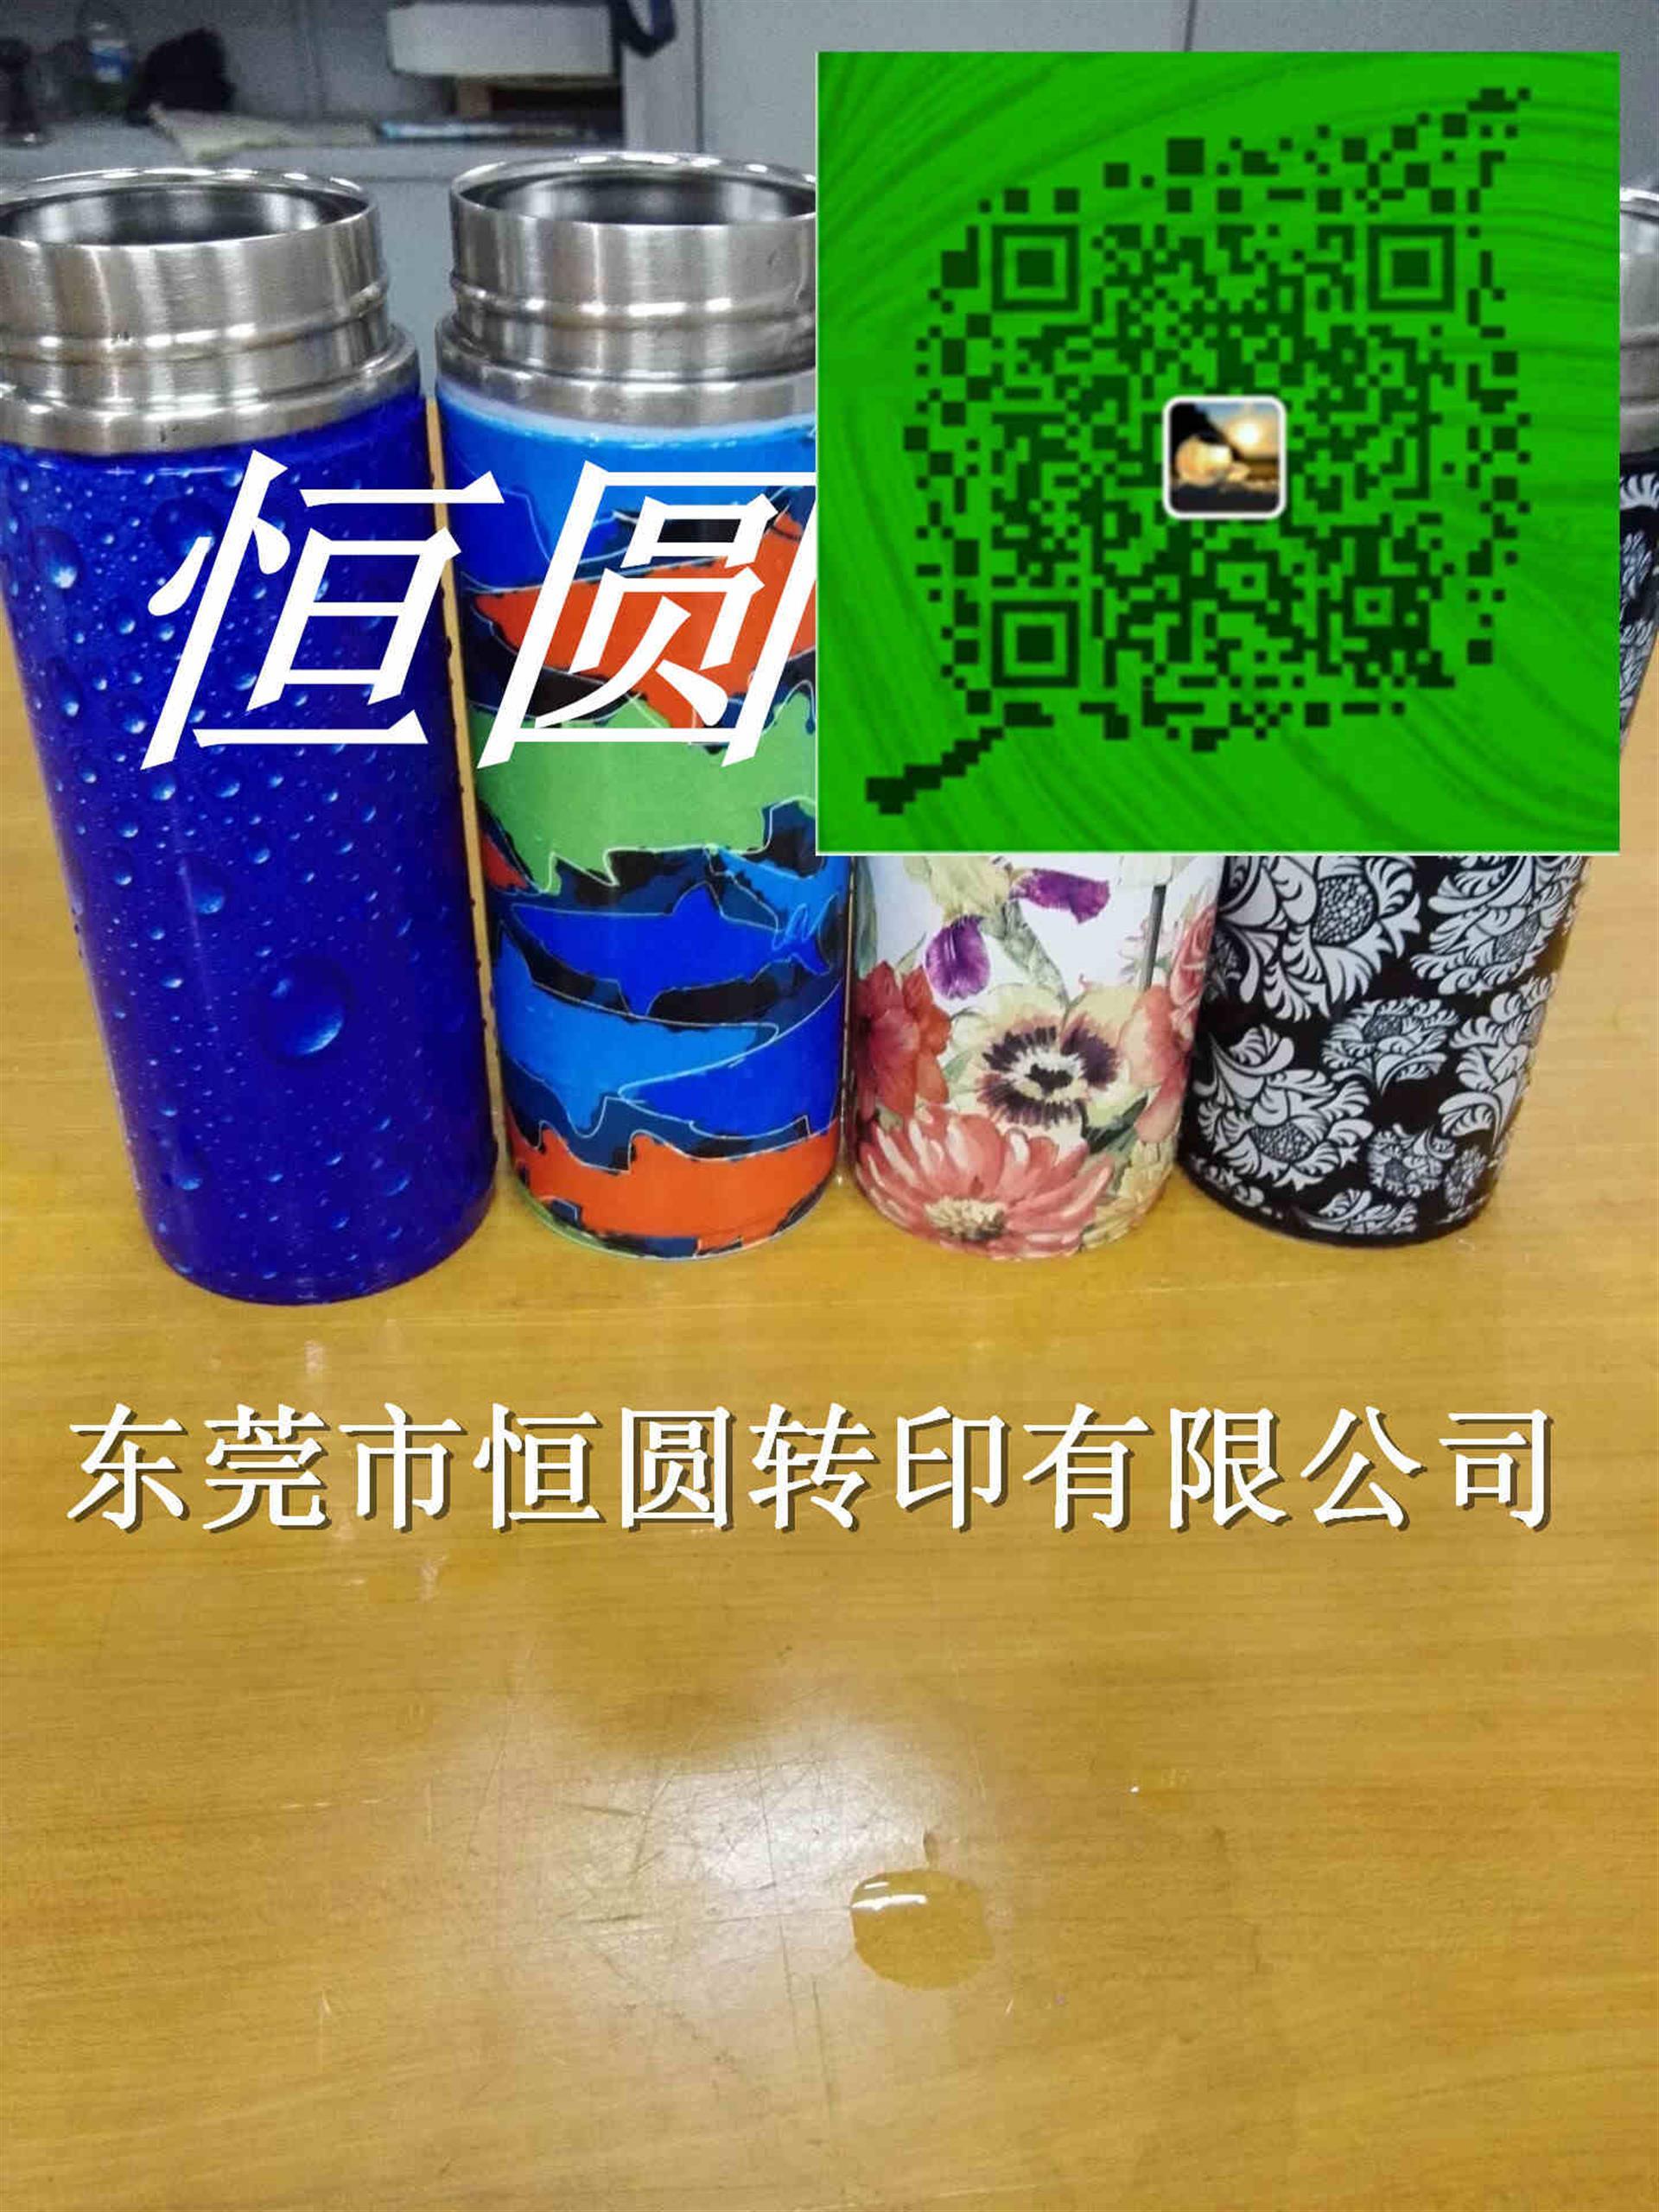 塑胶五金硅胶玻璃热转印加工厂家